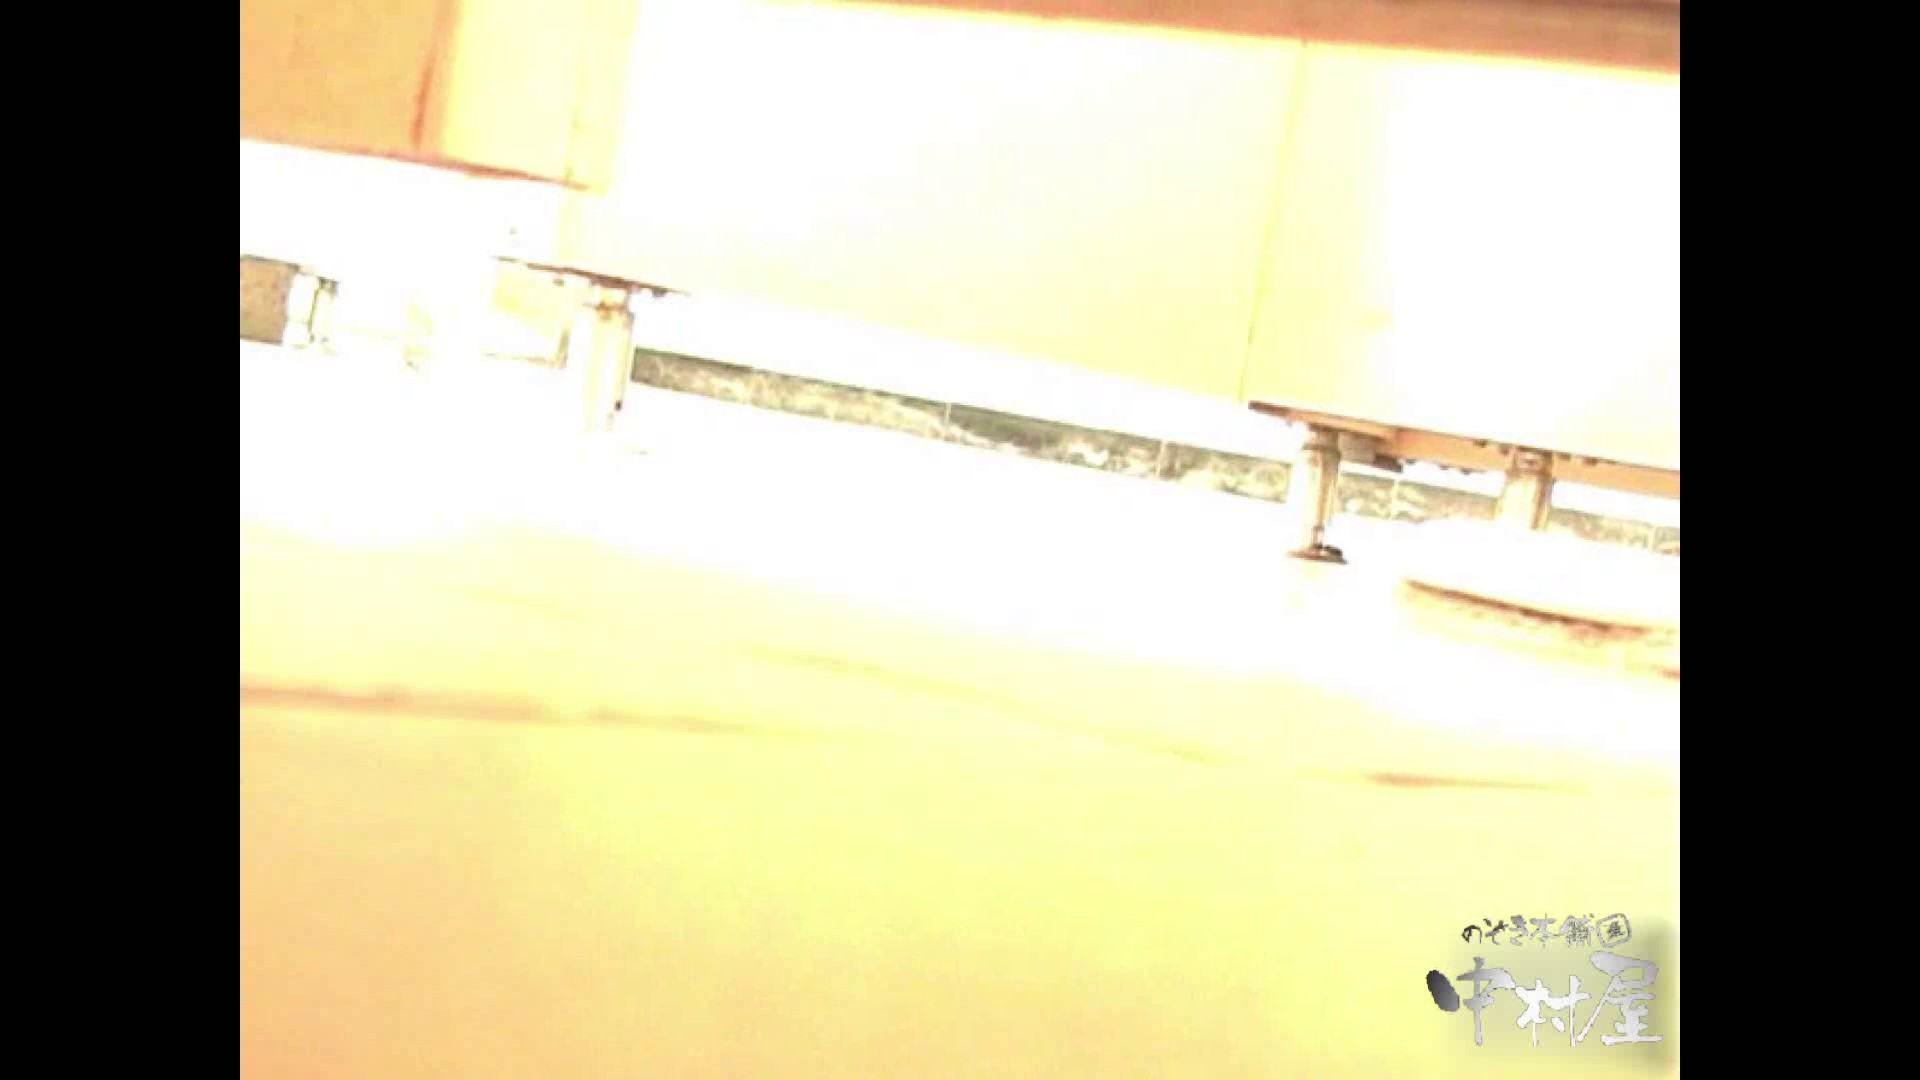 岩手県在住盗撮師盗撮記録vol.02 盗撮シリーズ AV動画キャプチャ 108PIX 72